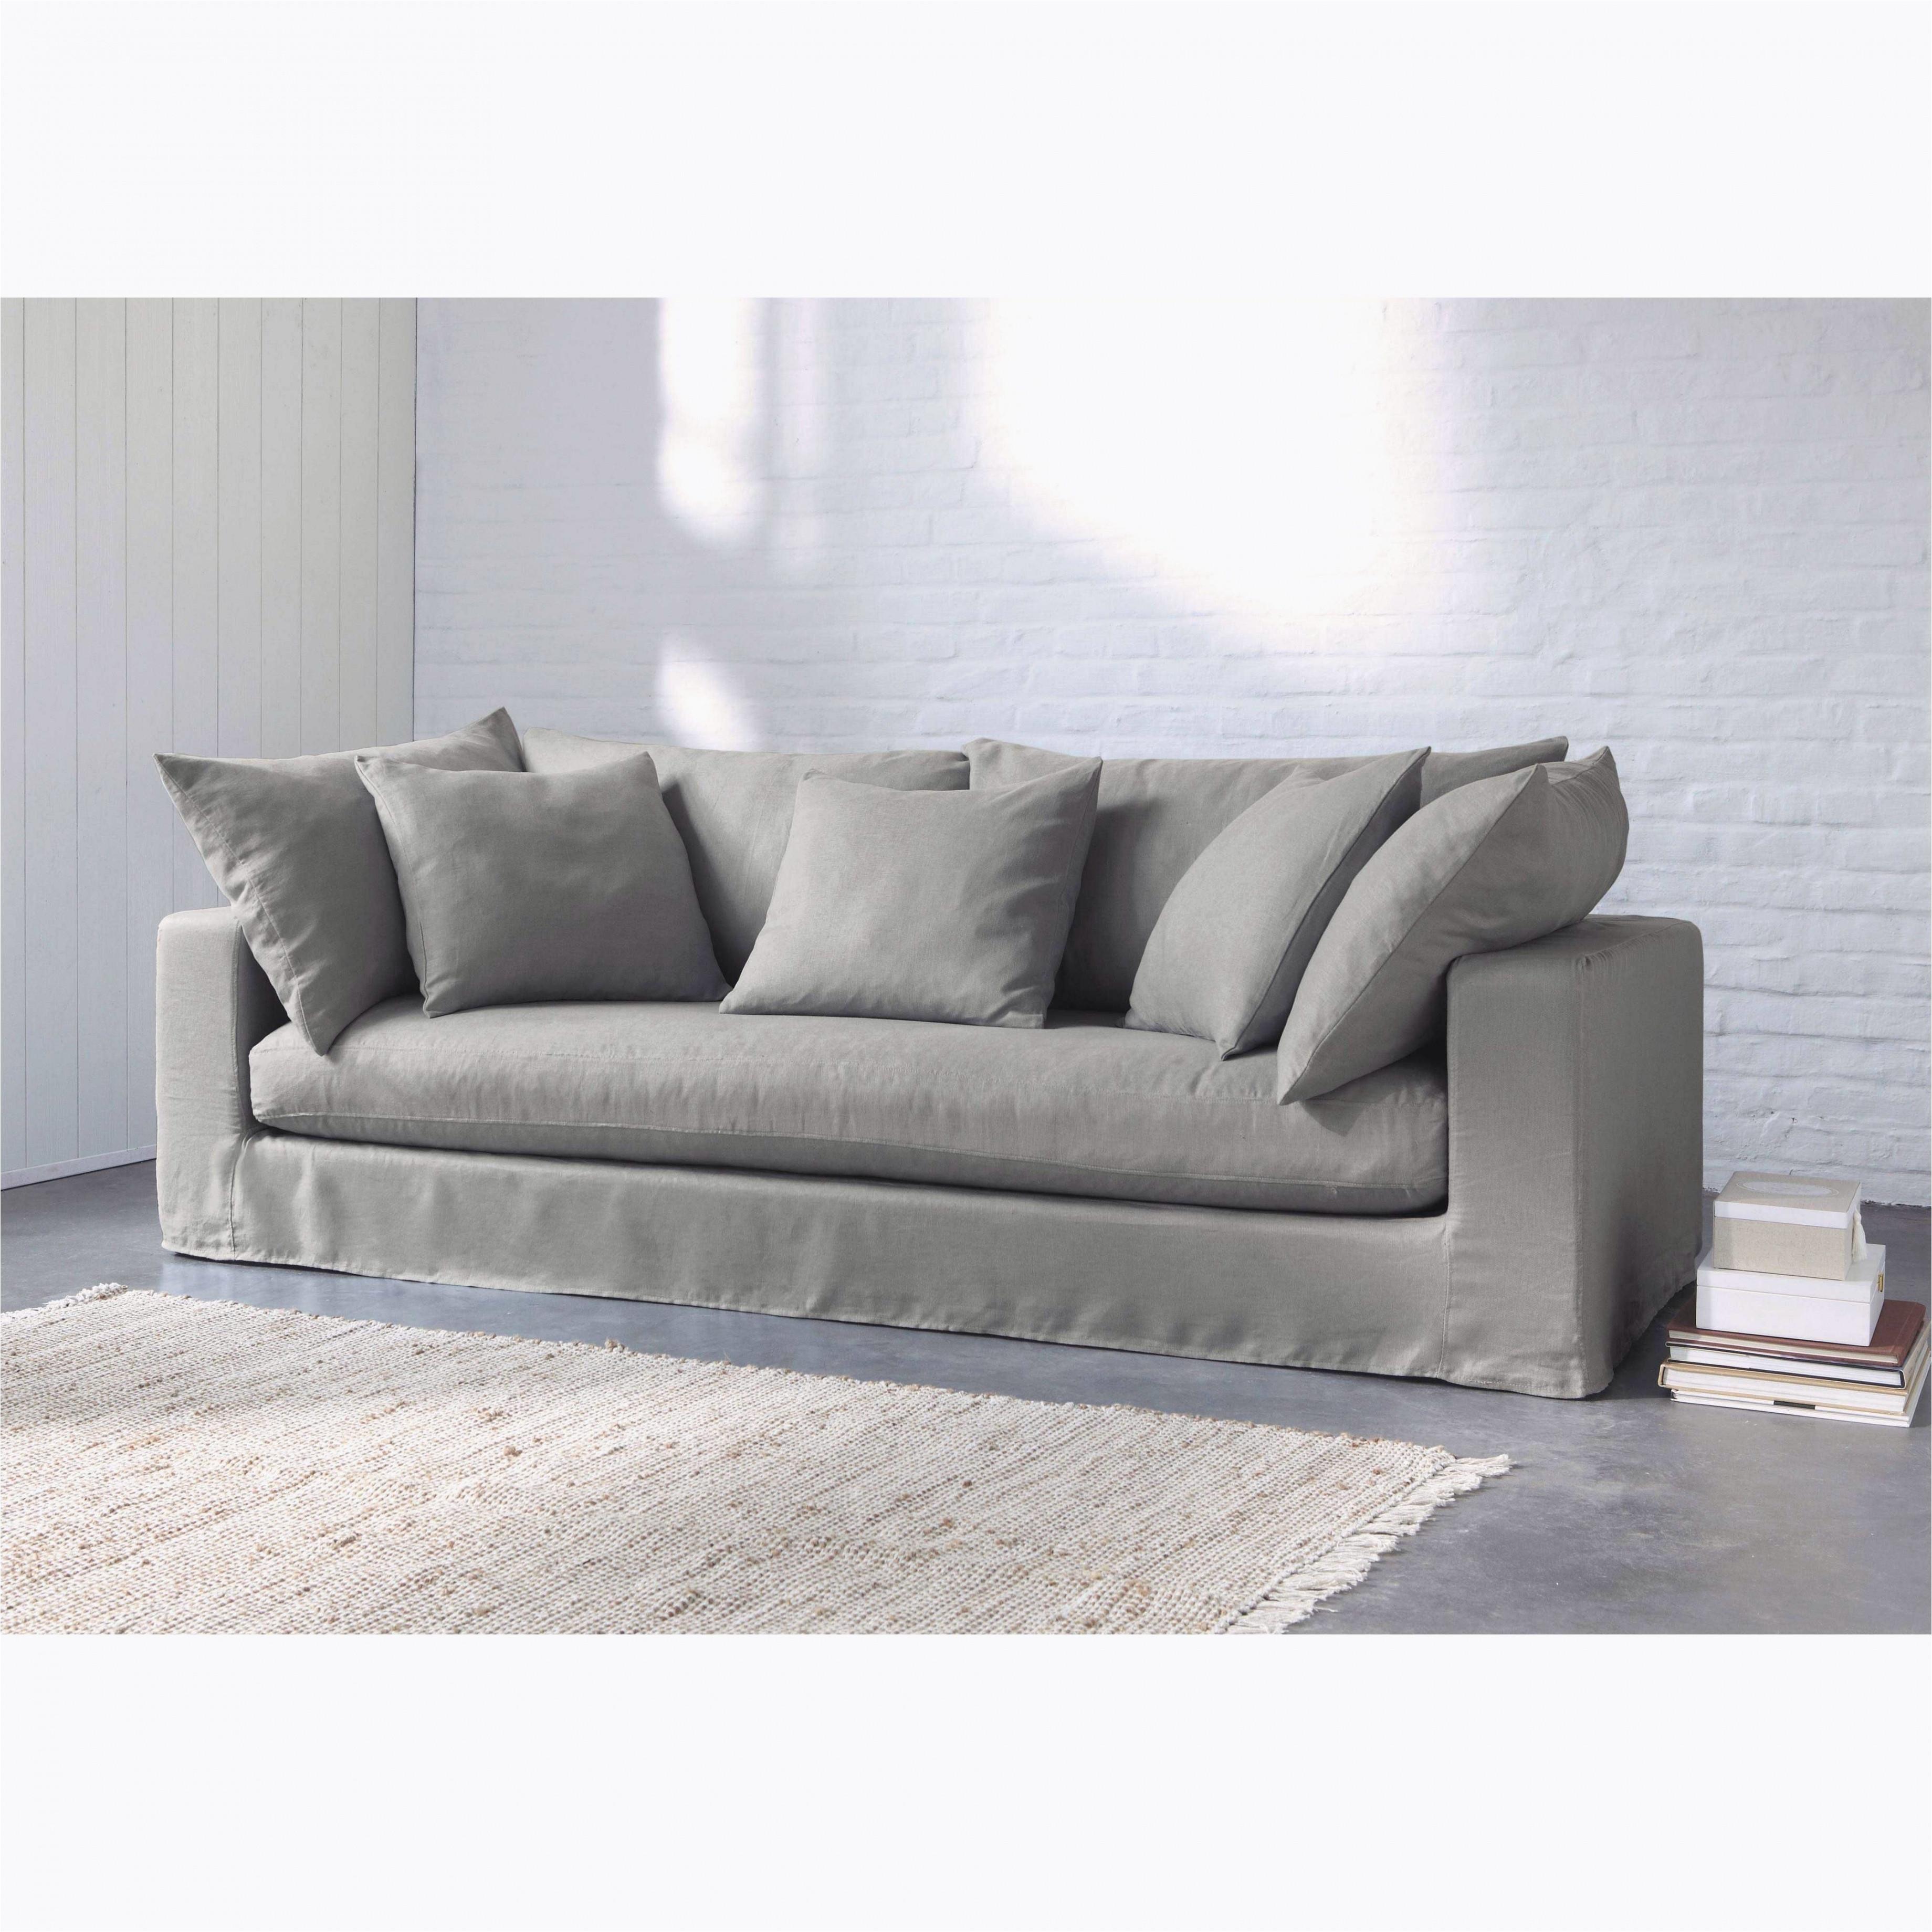 cojines para sofas baratos elegant fundas para sofa